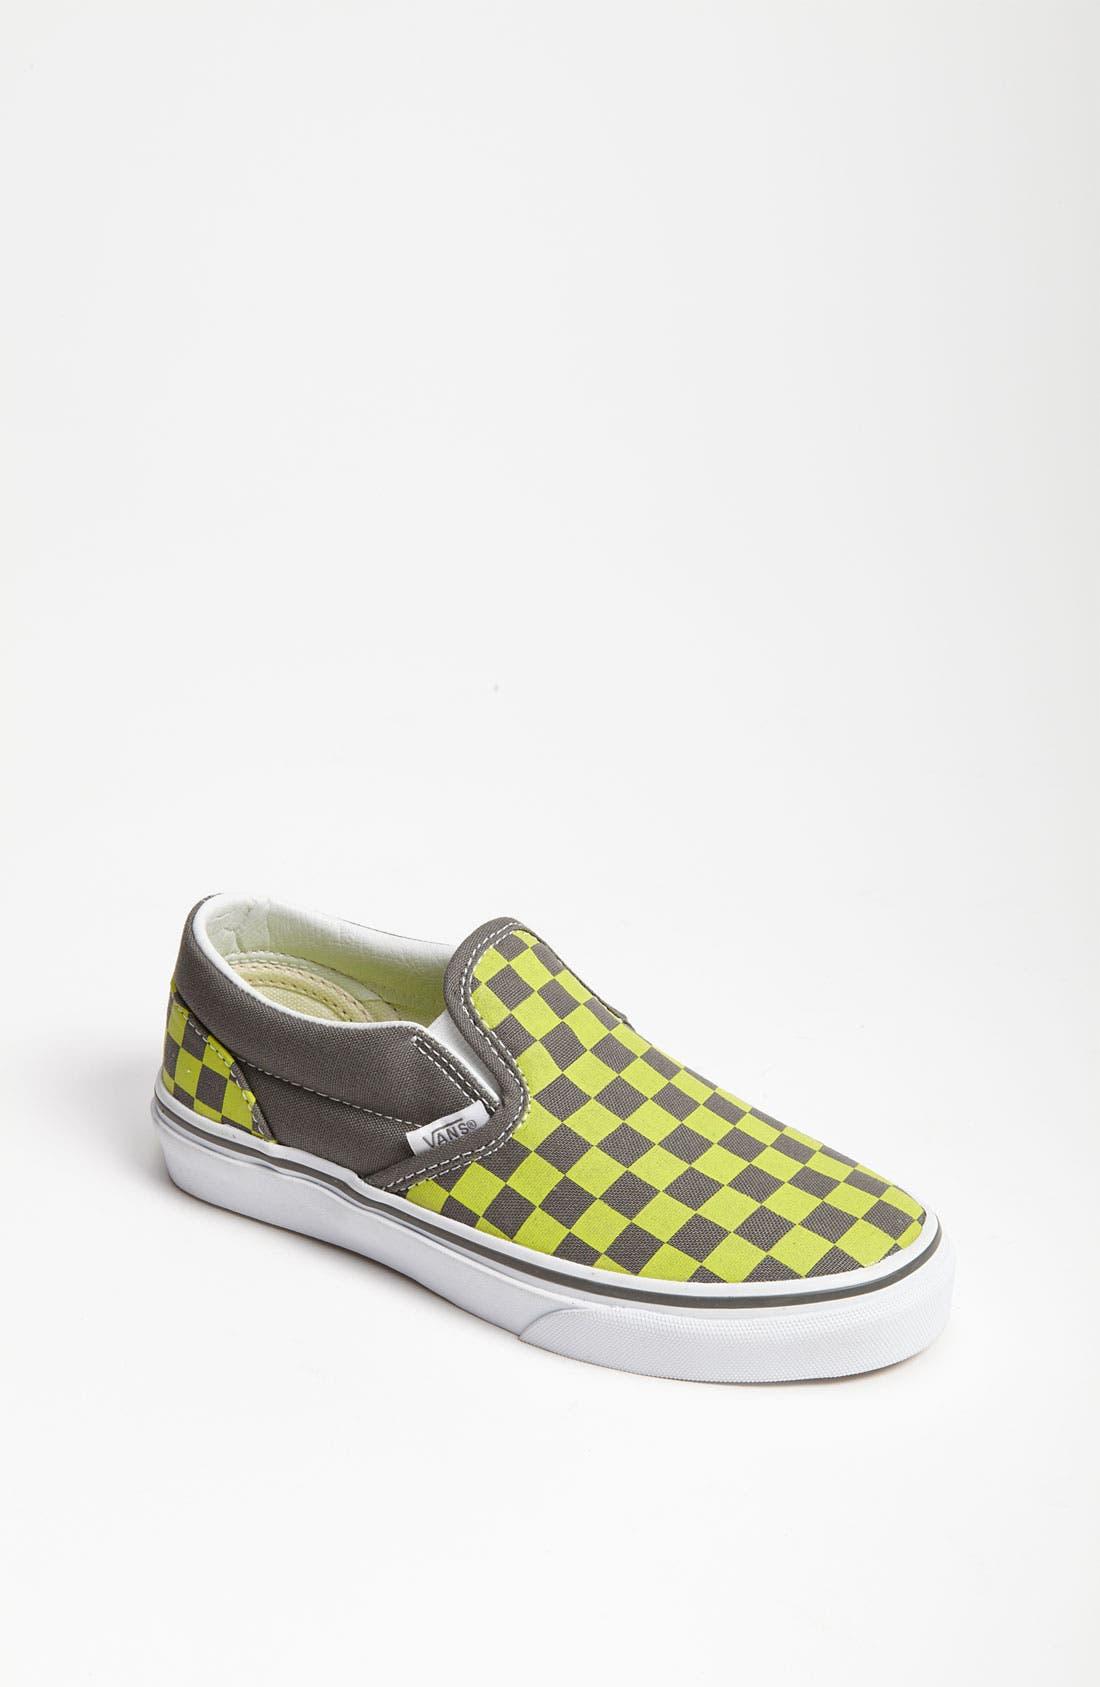 Main Image - Vans 'Checker' Classic Slip-On (Walker, Toddler, Little Kid & Big Kid)